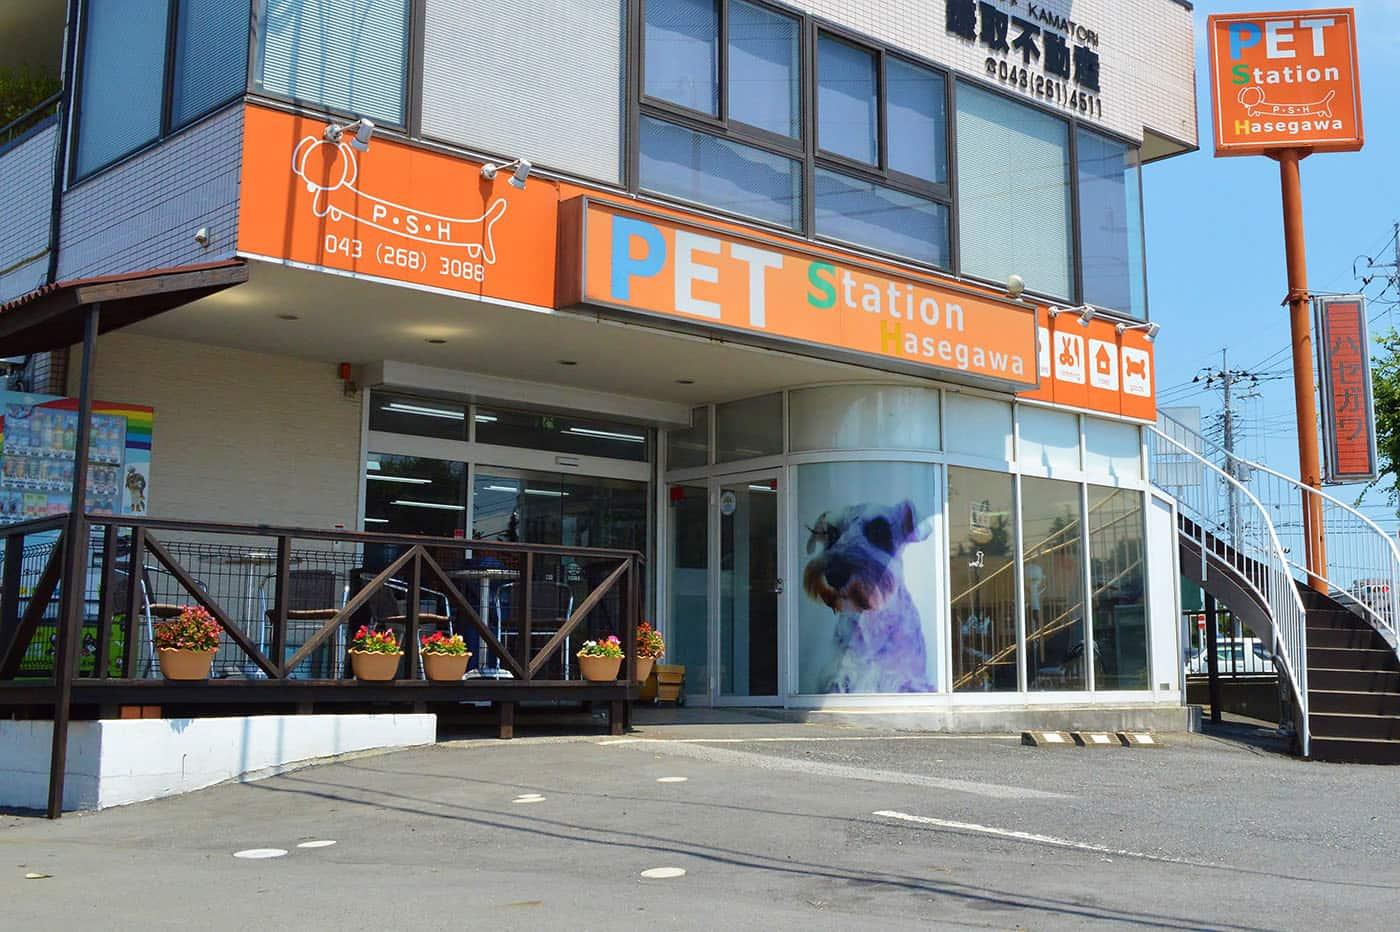 ペットステーション ハセガワ